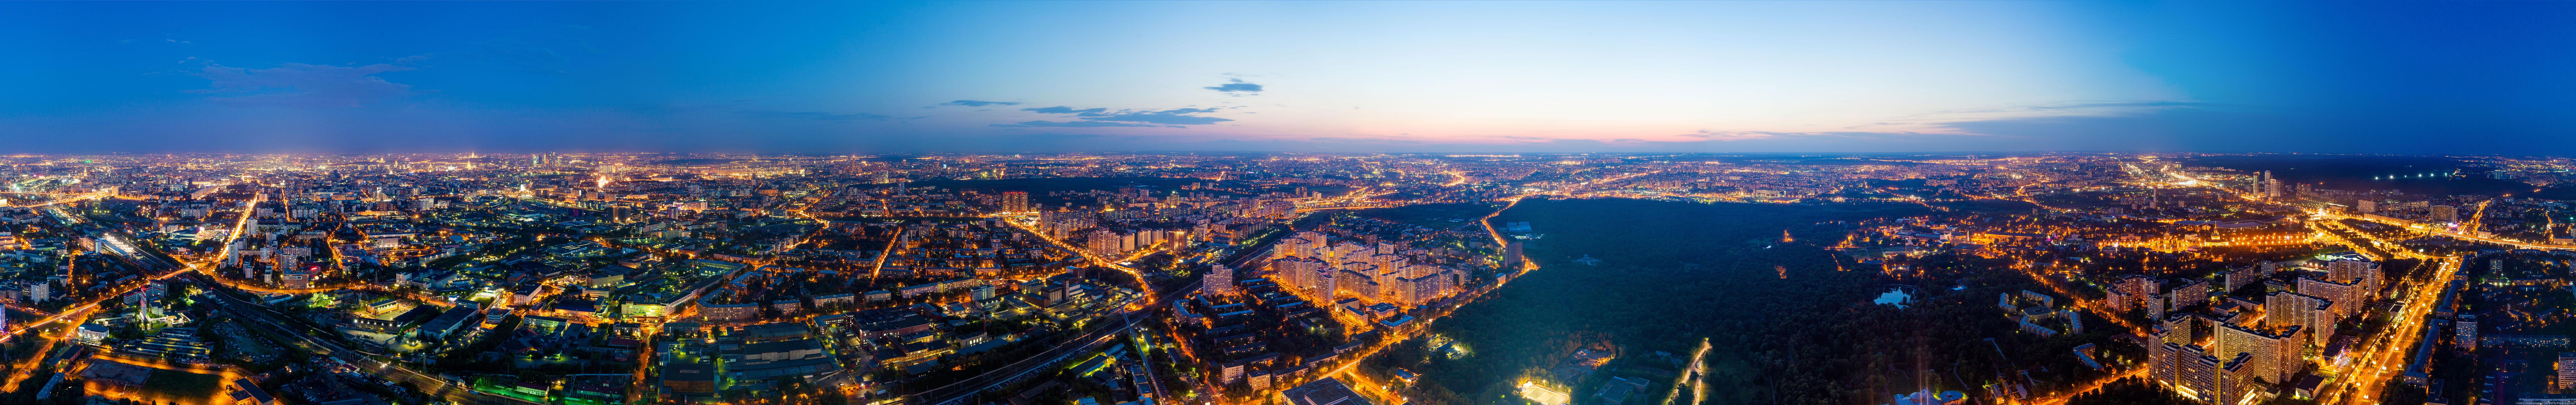 Места для фотосессий в Москве Учимся фотографировать